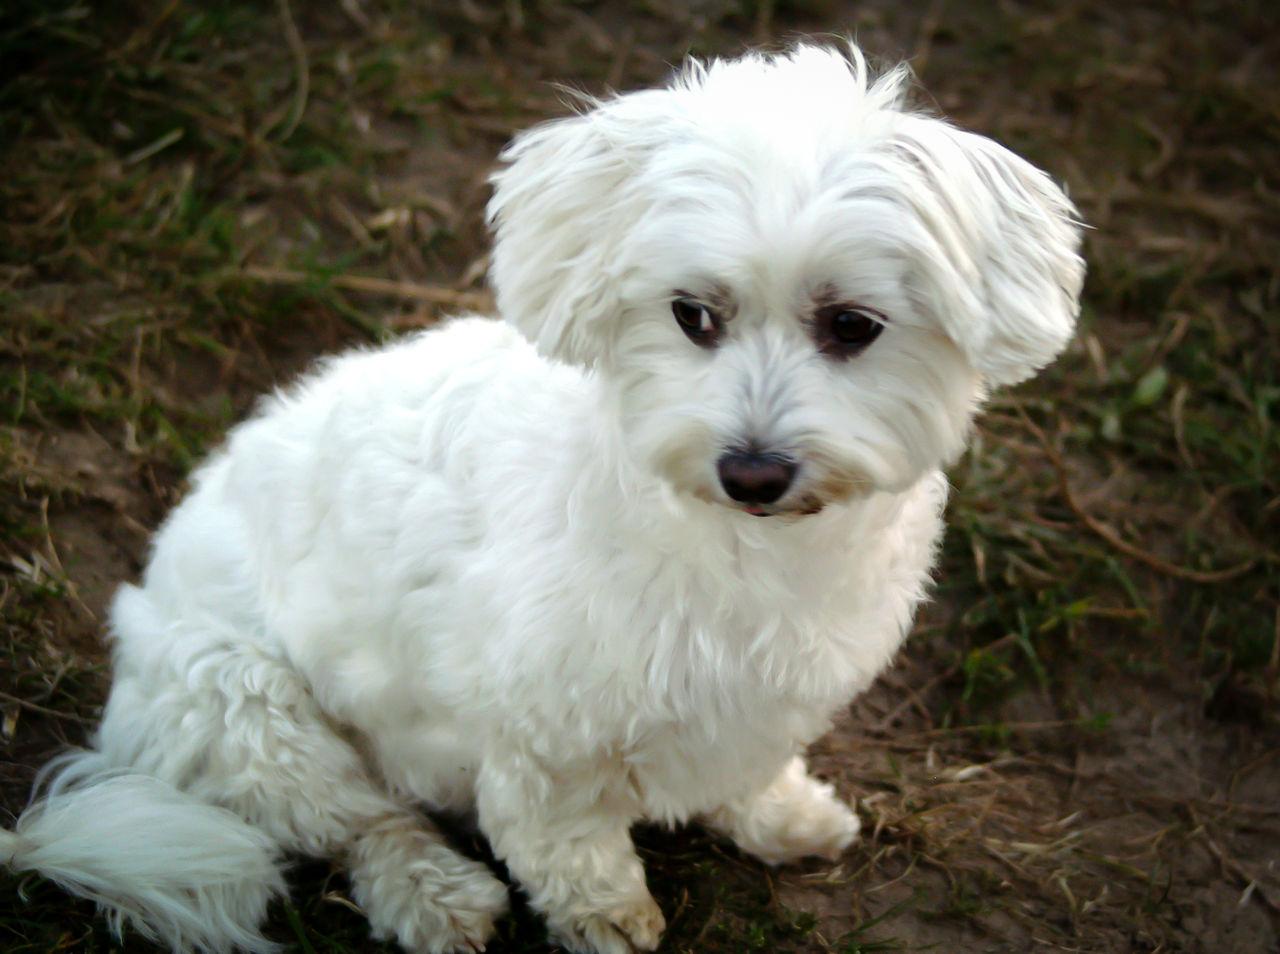 Close-Up Of White Dog